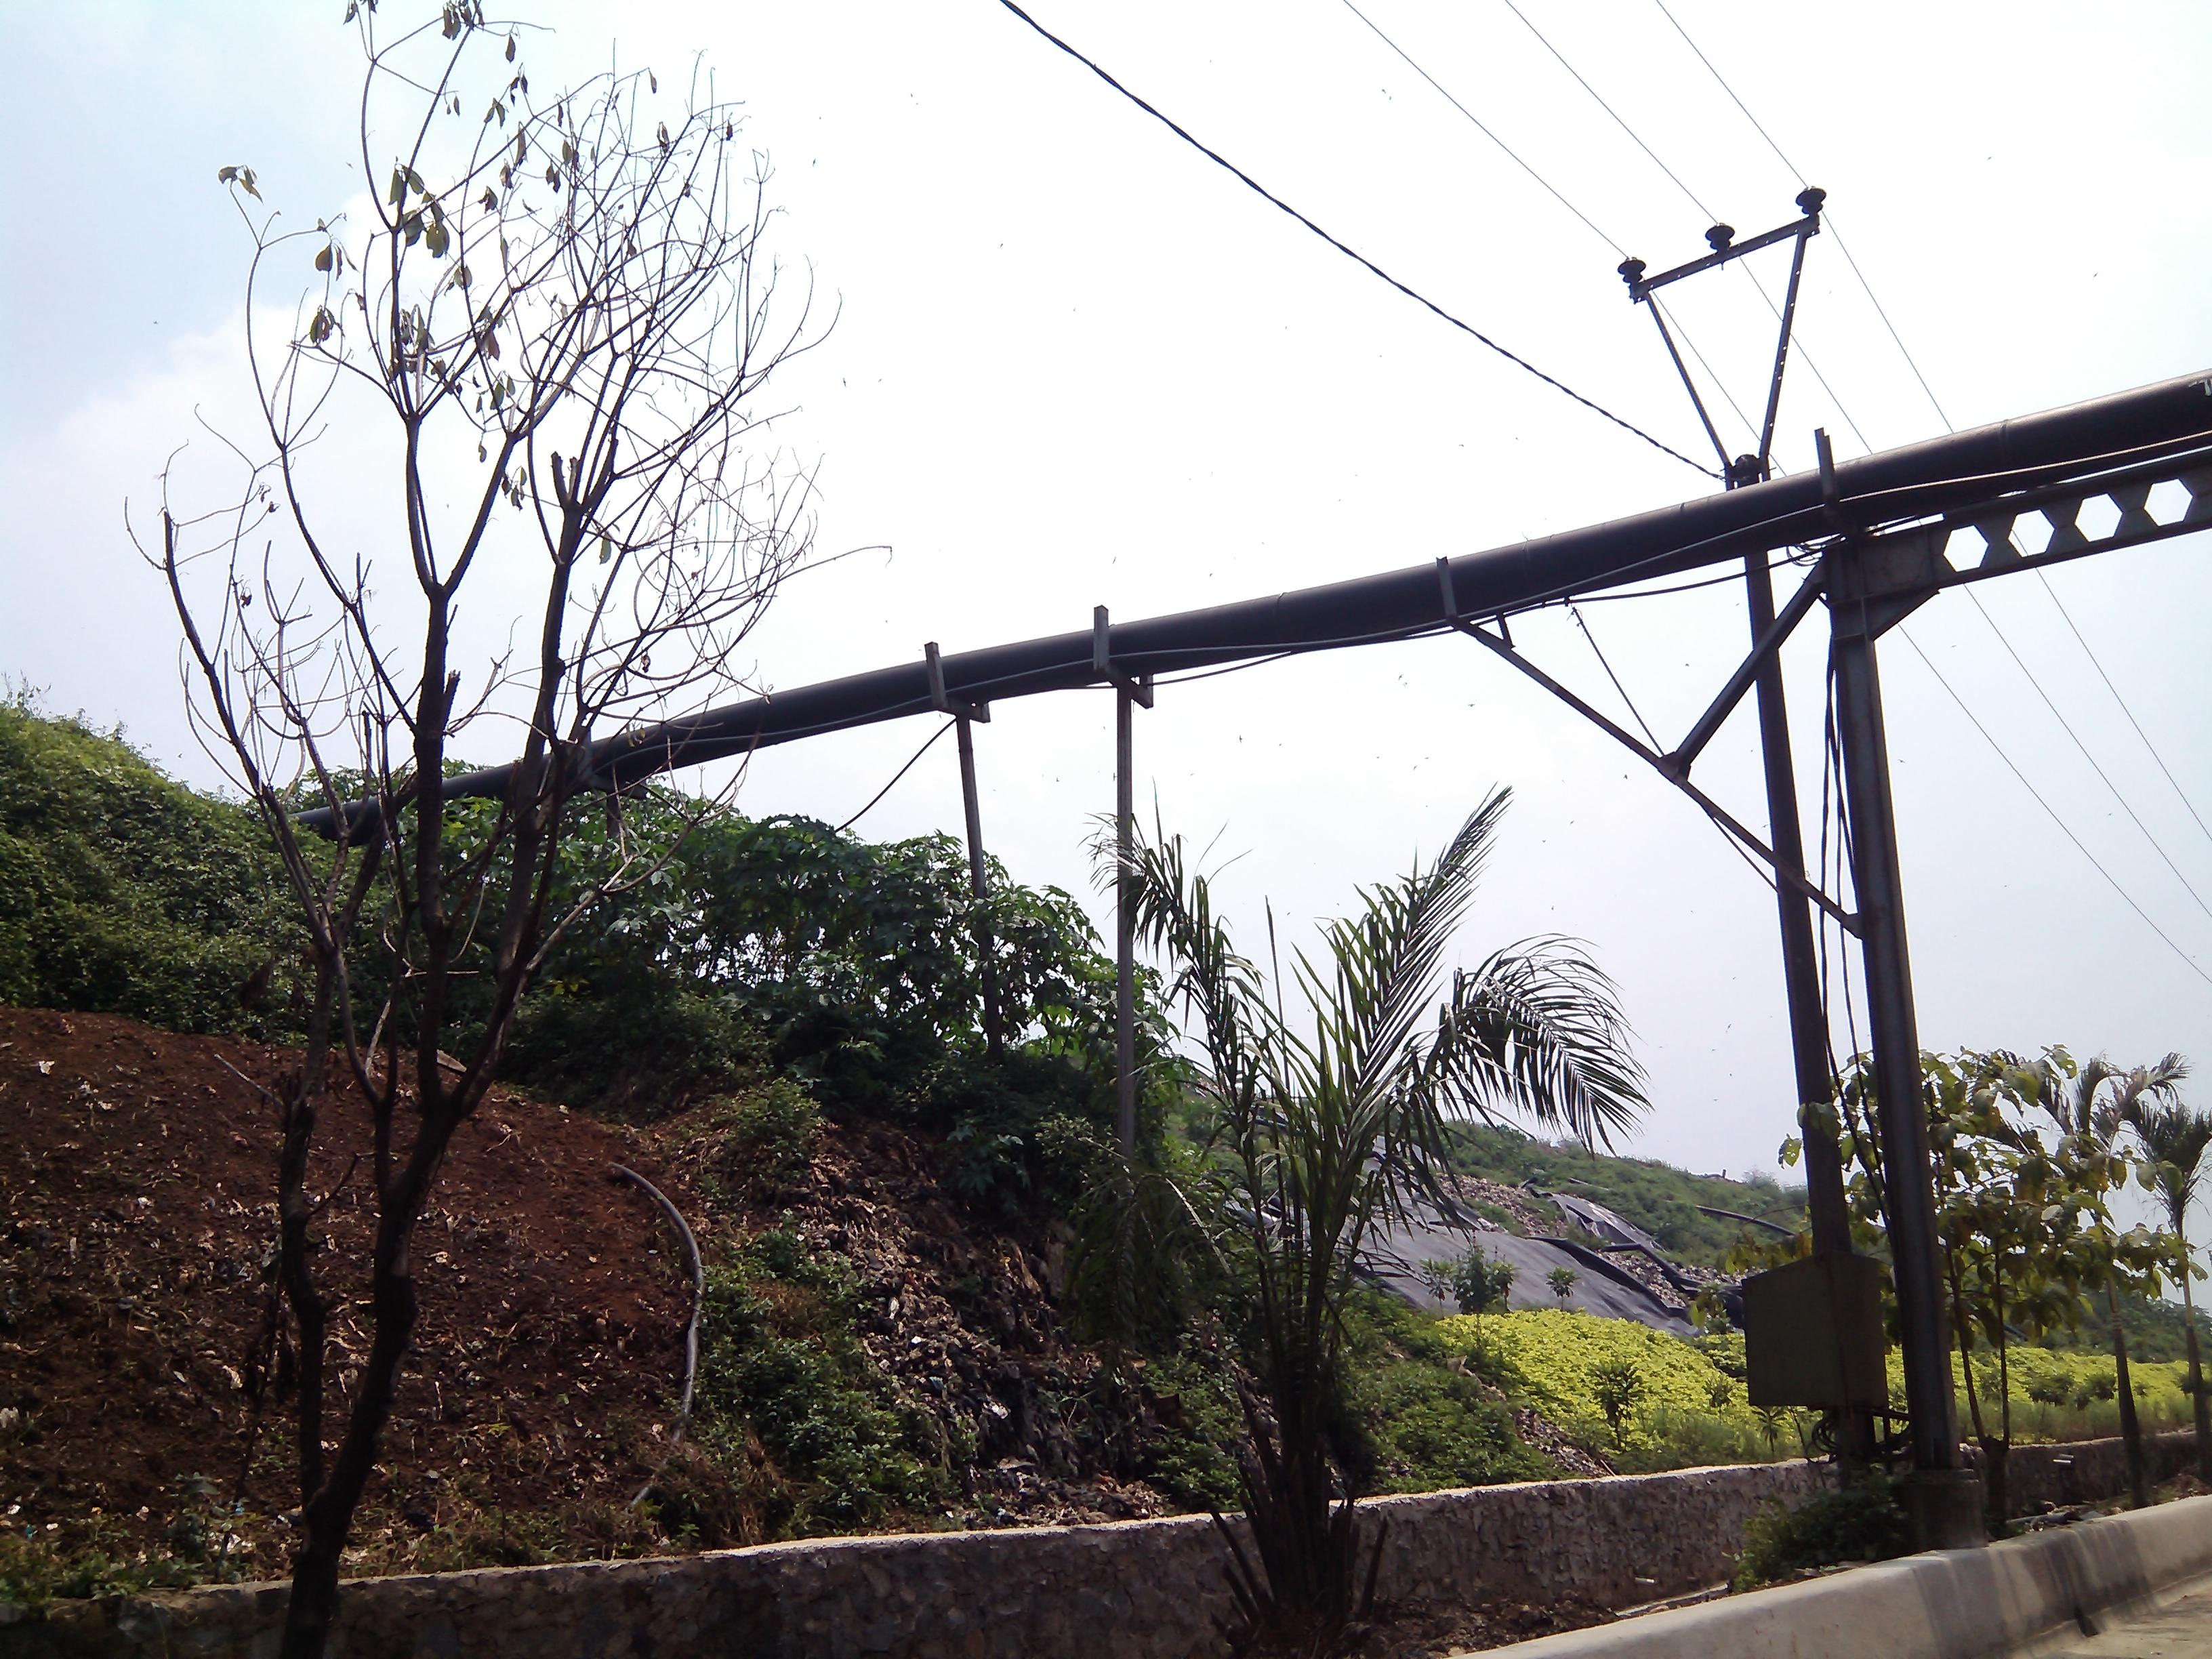 File:Pipa gas methan yang keluar dari sampah menuju ke PLTSa bantargebang, Kota Bekasi - panoramio.jpg